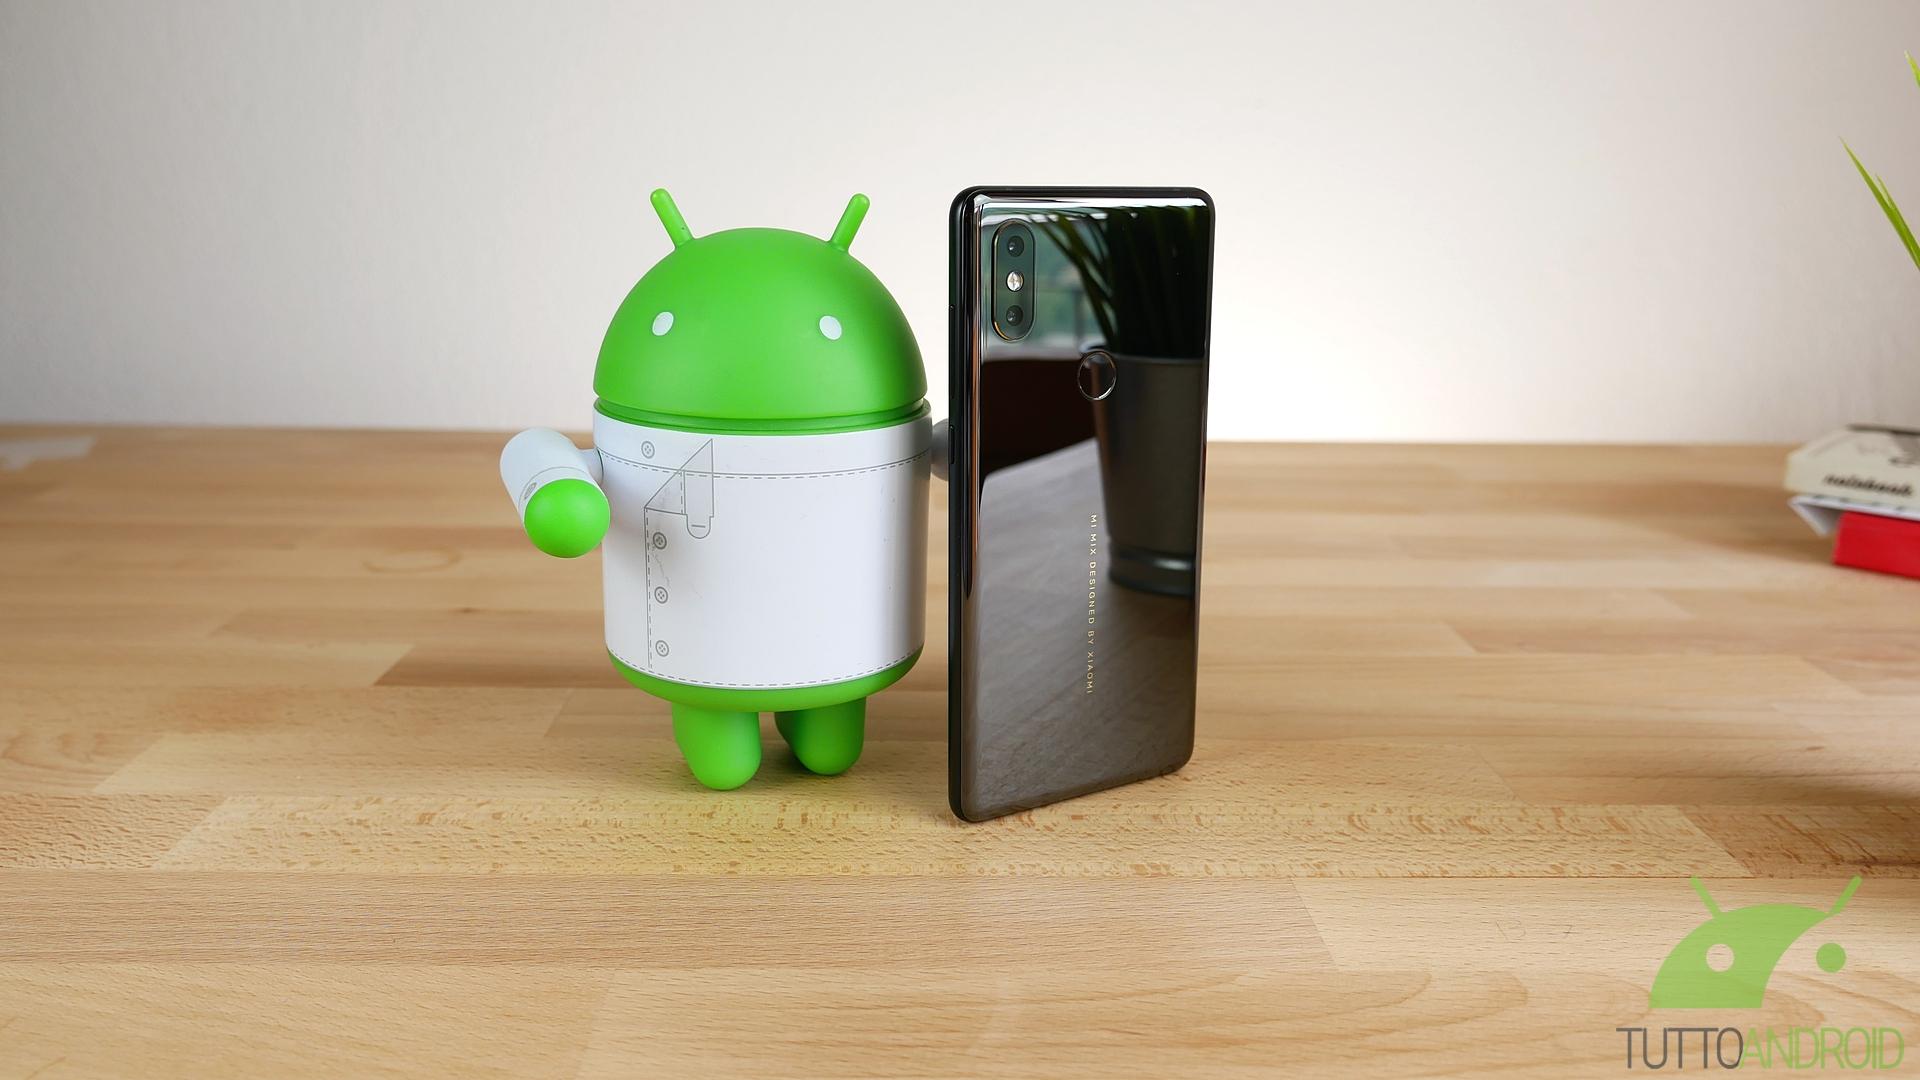 Fioccano aggiornamenti: novità per Nokia 7.2, Huawei P30 Lit